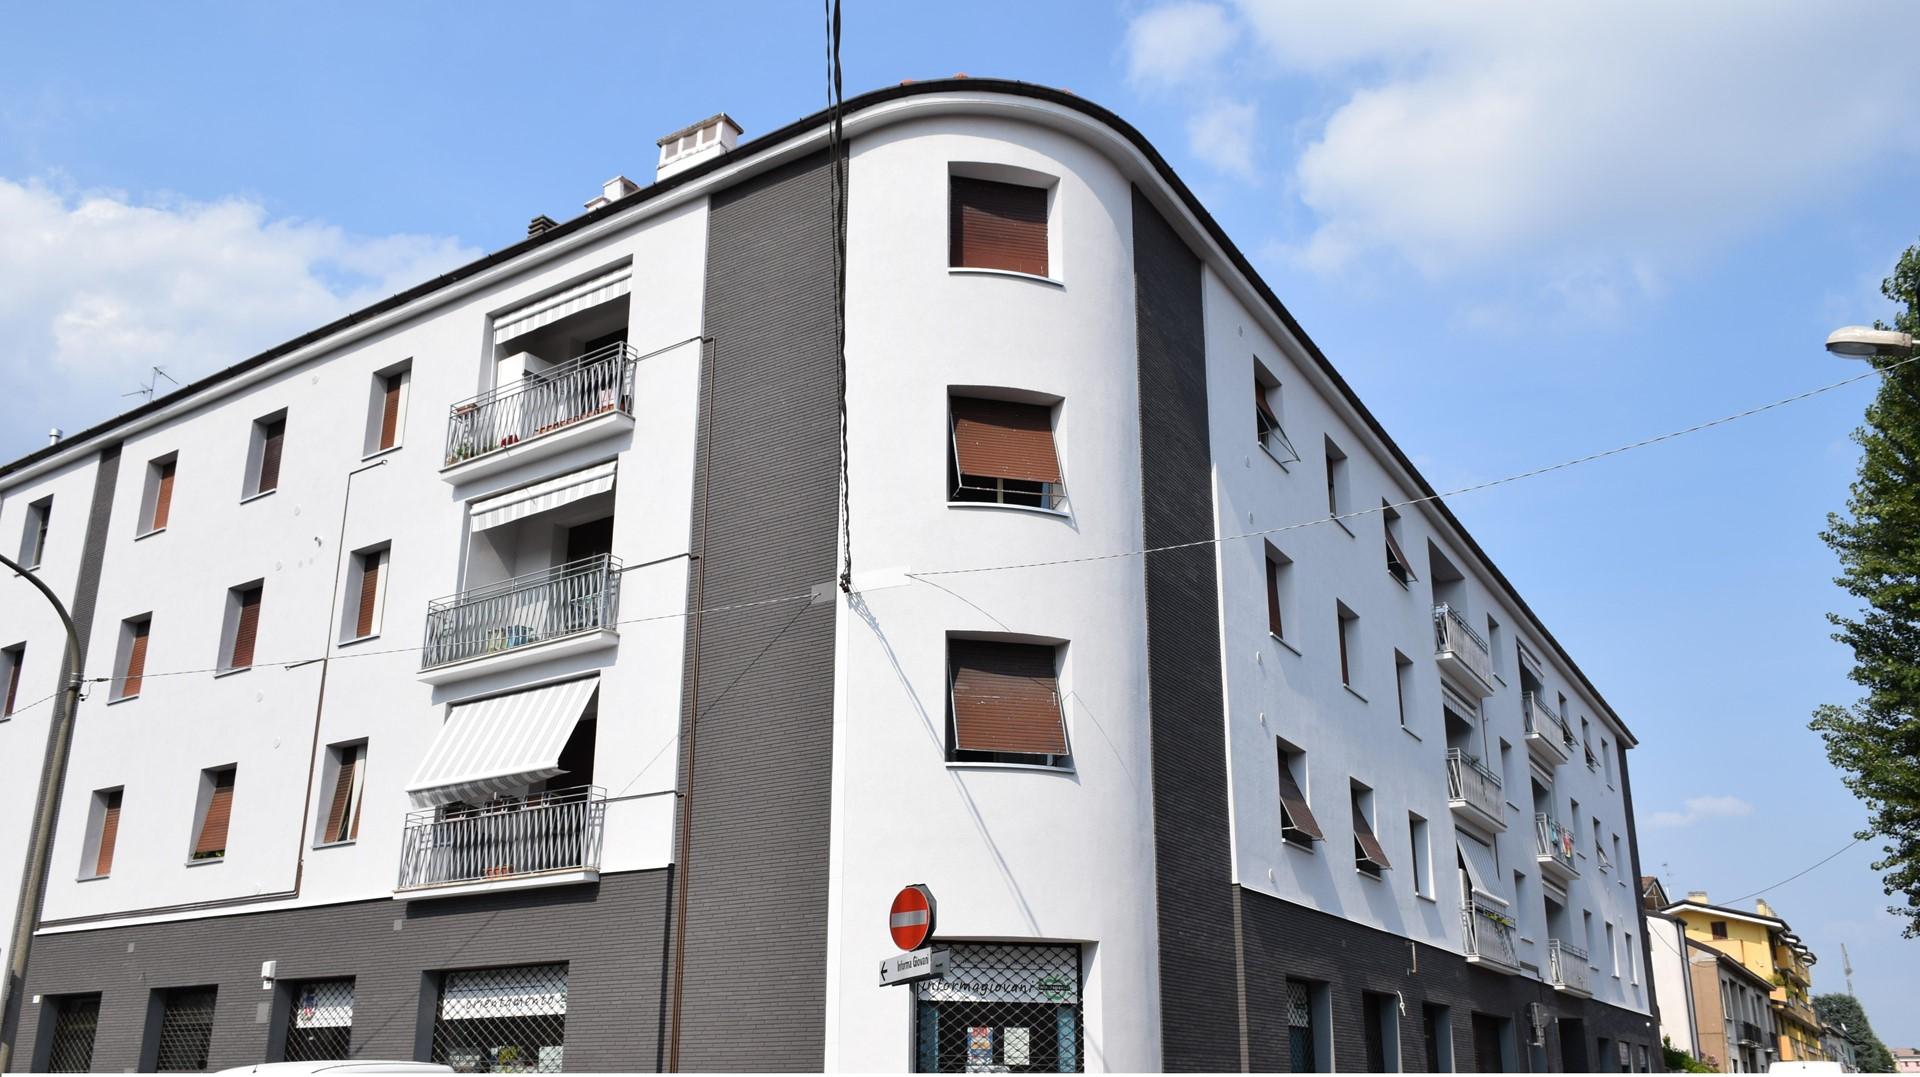 Riqualificazione energetica di un edificio a Lissone con cappotto meccanico e finiture speciali